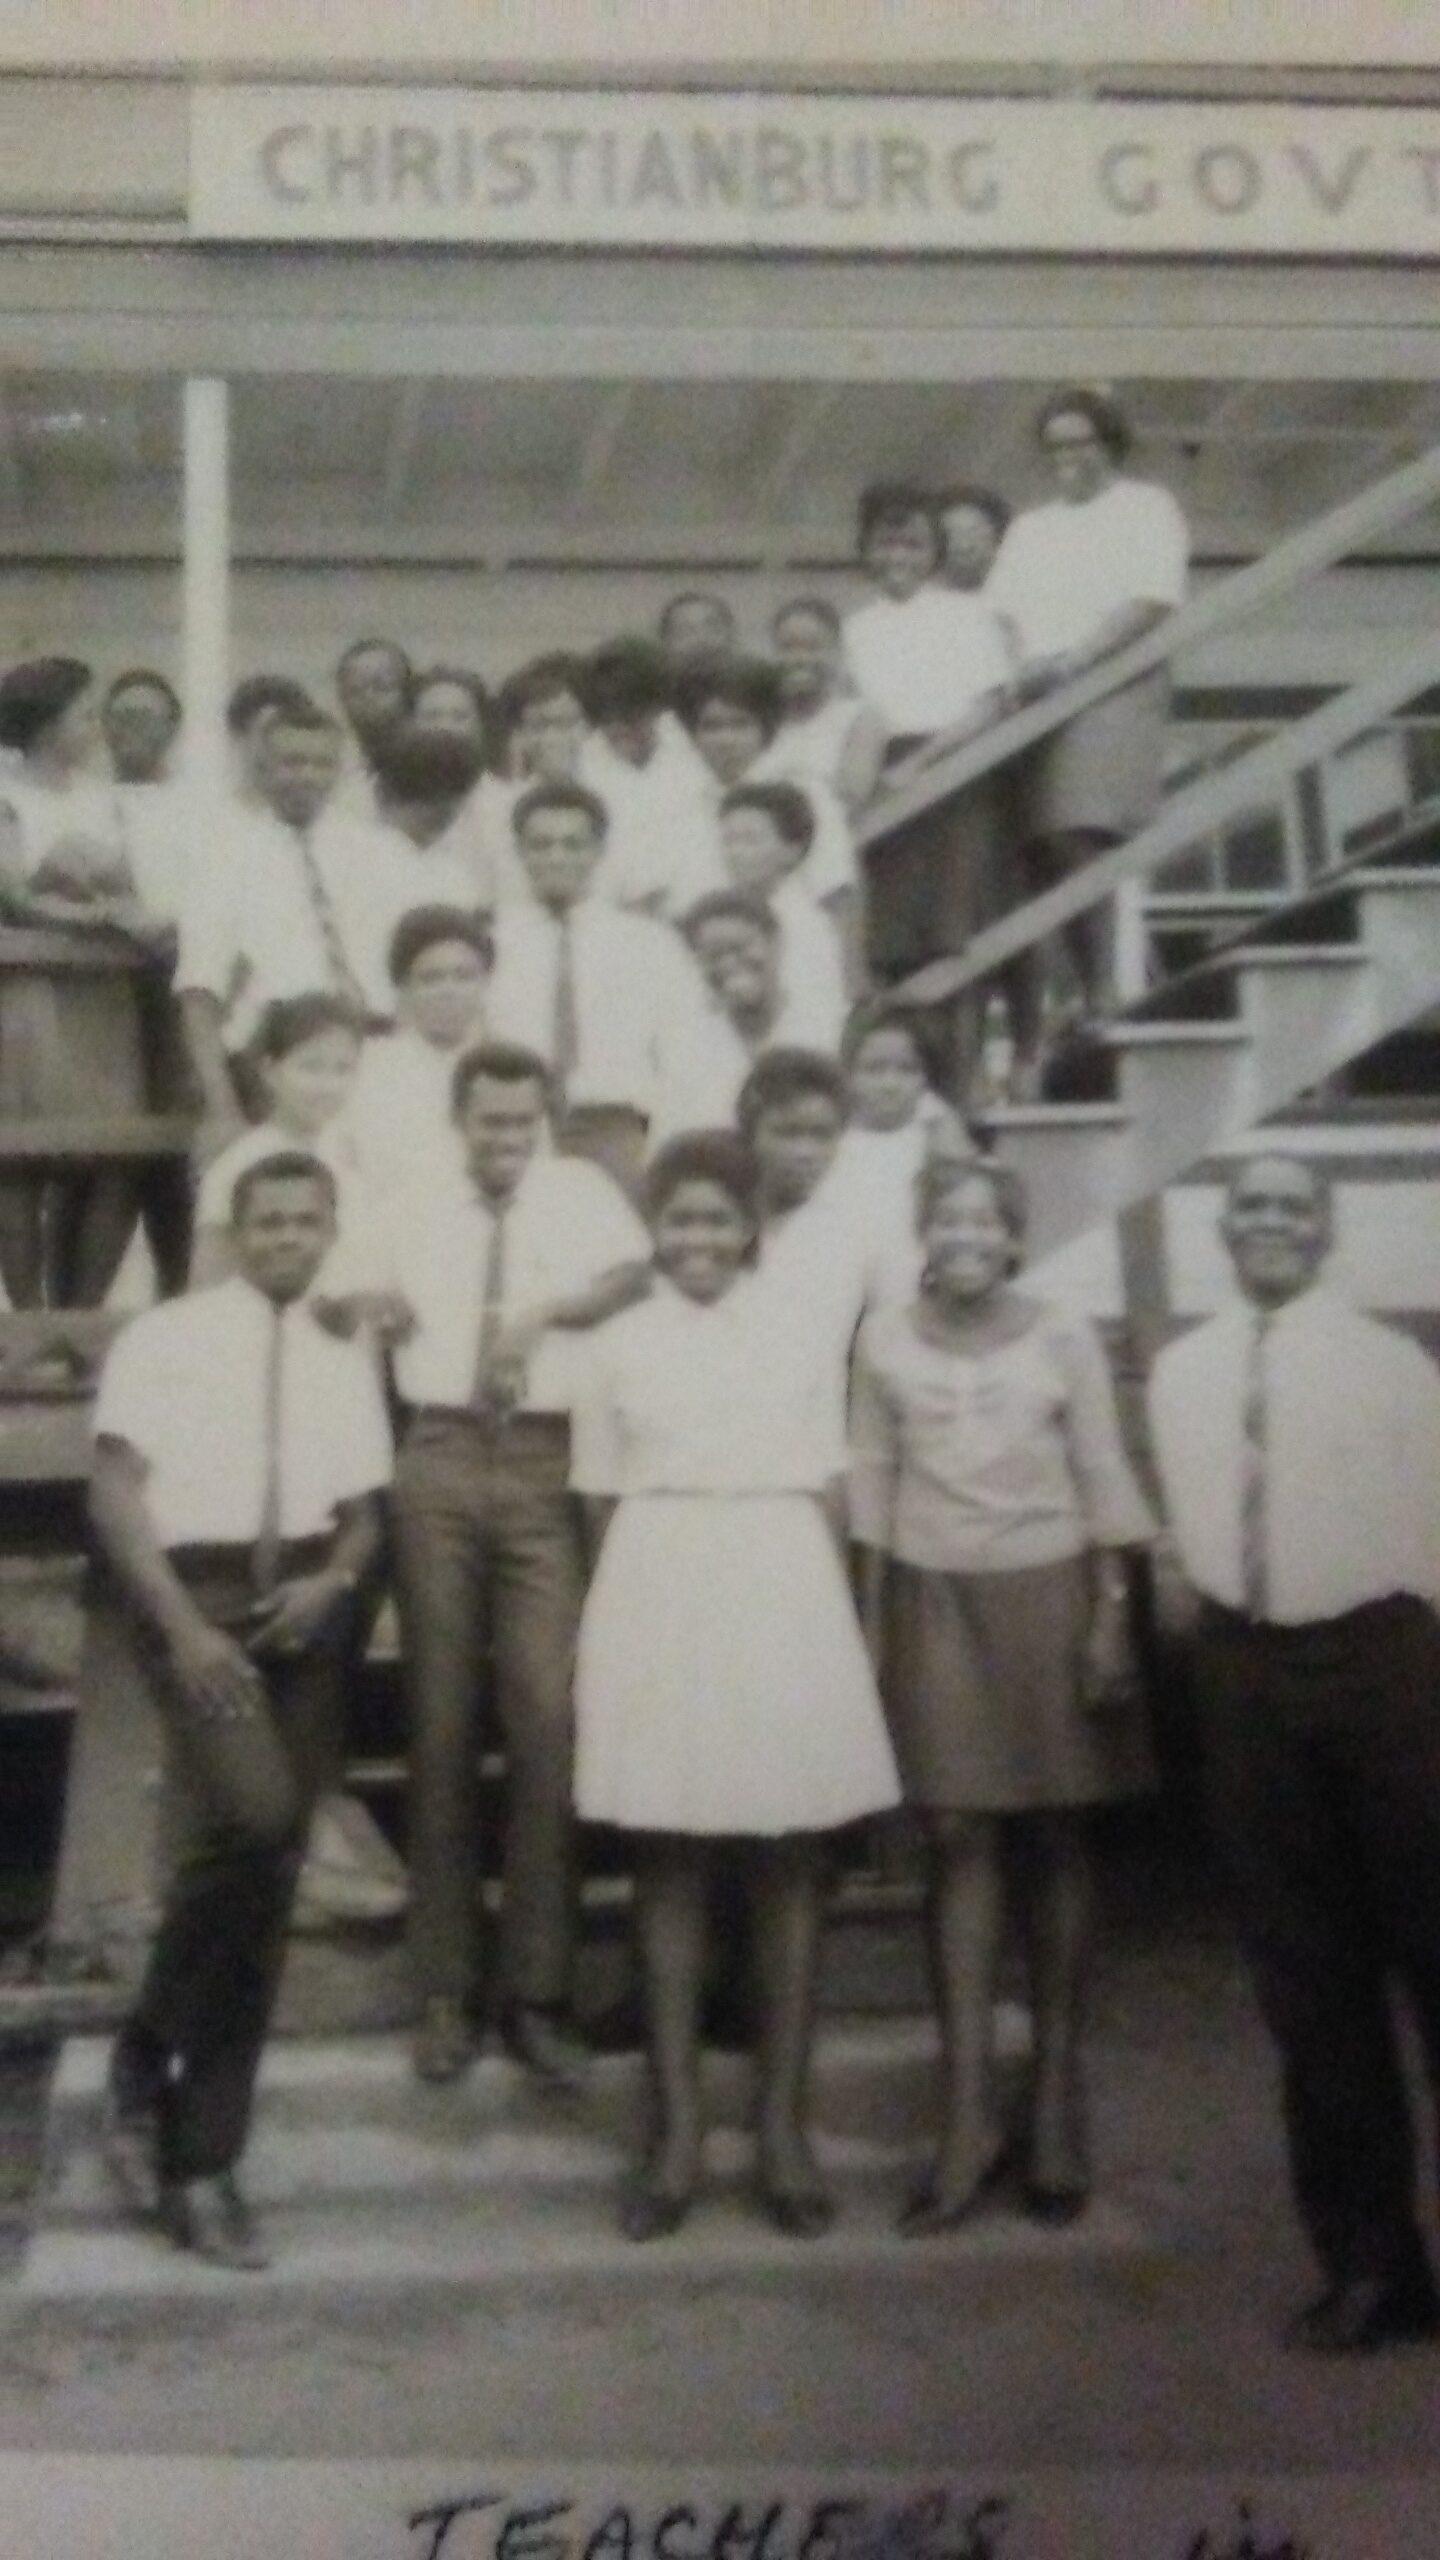 Christianburg teachers